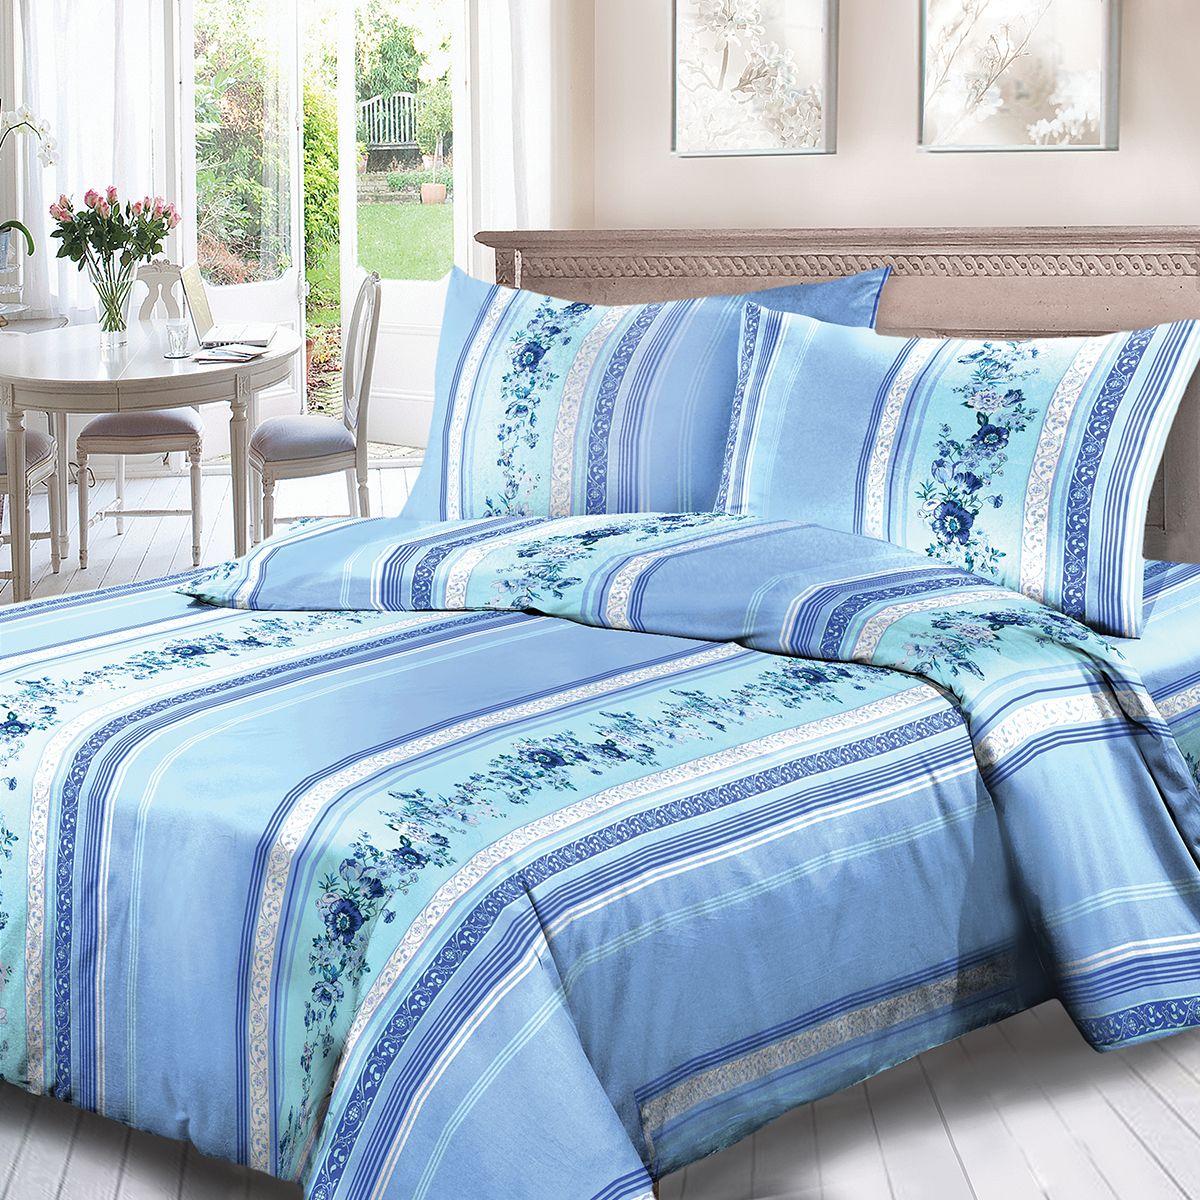 Комплект белья Для Снов Анабэль, 2-спальное, наволочки 70x70, цвет: голубой84456Постельное белье из высококачественного поплина ( Ткань Традиция) , в составе которого находится только 100% мерсеризованный хлопок - это идеальный выбор современной женщины. Мерсеризация подчеркивает лучшие свойства хлопка: - Ткань прочнее обычной, при этом мягкая и шелковистая; - Цвета яркие и устойчивые; - Высокая гигроскопичность; - Меньше мнется, не линяет и не садится при многократных стирках; При производстве используются только безопасные красители ведущего швейцарского производителя BEZEMA Коллекция отличается тщательно проработанными современными дизайнами, разделенными на тематические группы. Созданные талантливыми европейскими и российскими художниками, они поражают своей нежной красотой, а восхитительная упаковка придает комплекту подарочный вид. Плотность ткани: 110 г/м.кв.